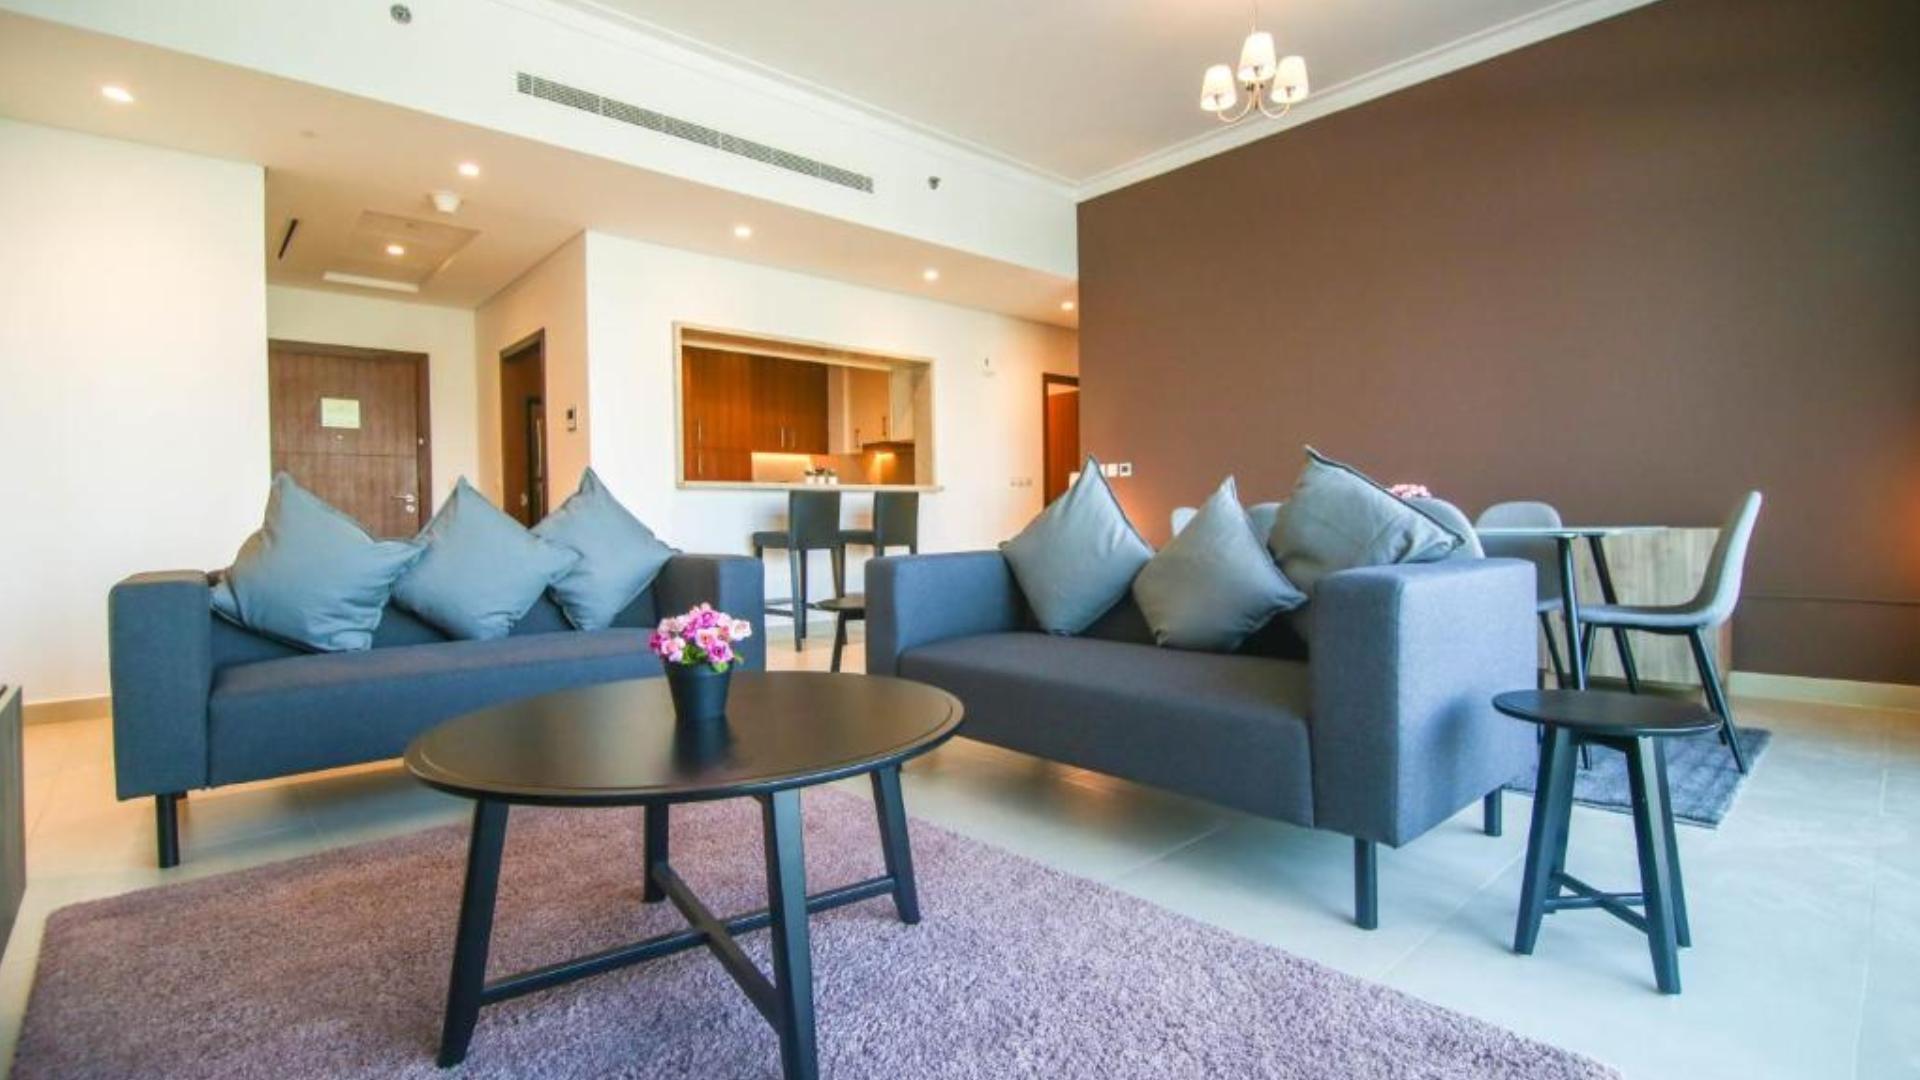 Apartamento en venta en Dubai, EAU, 3 dormitorios, 156 m2, № 24330 – foto 1